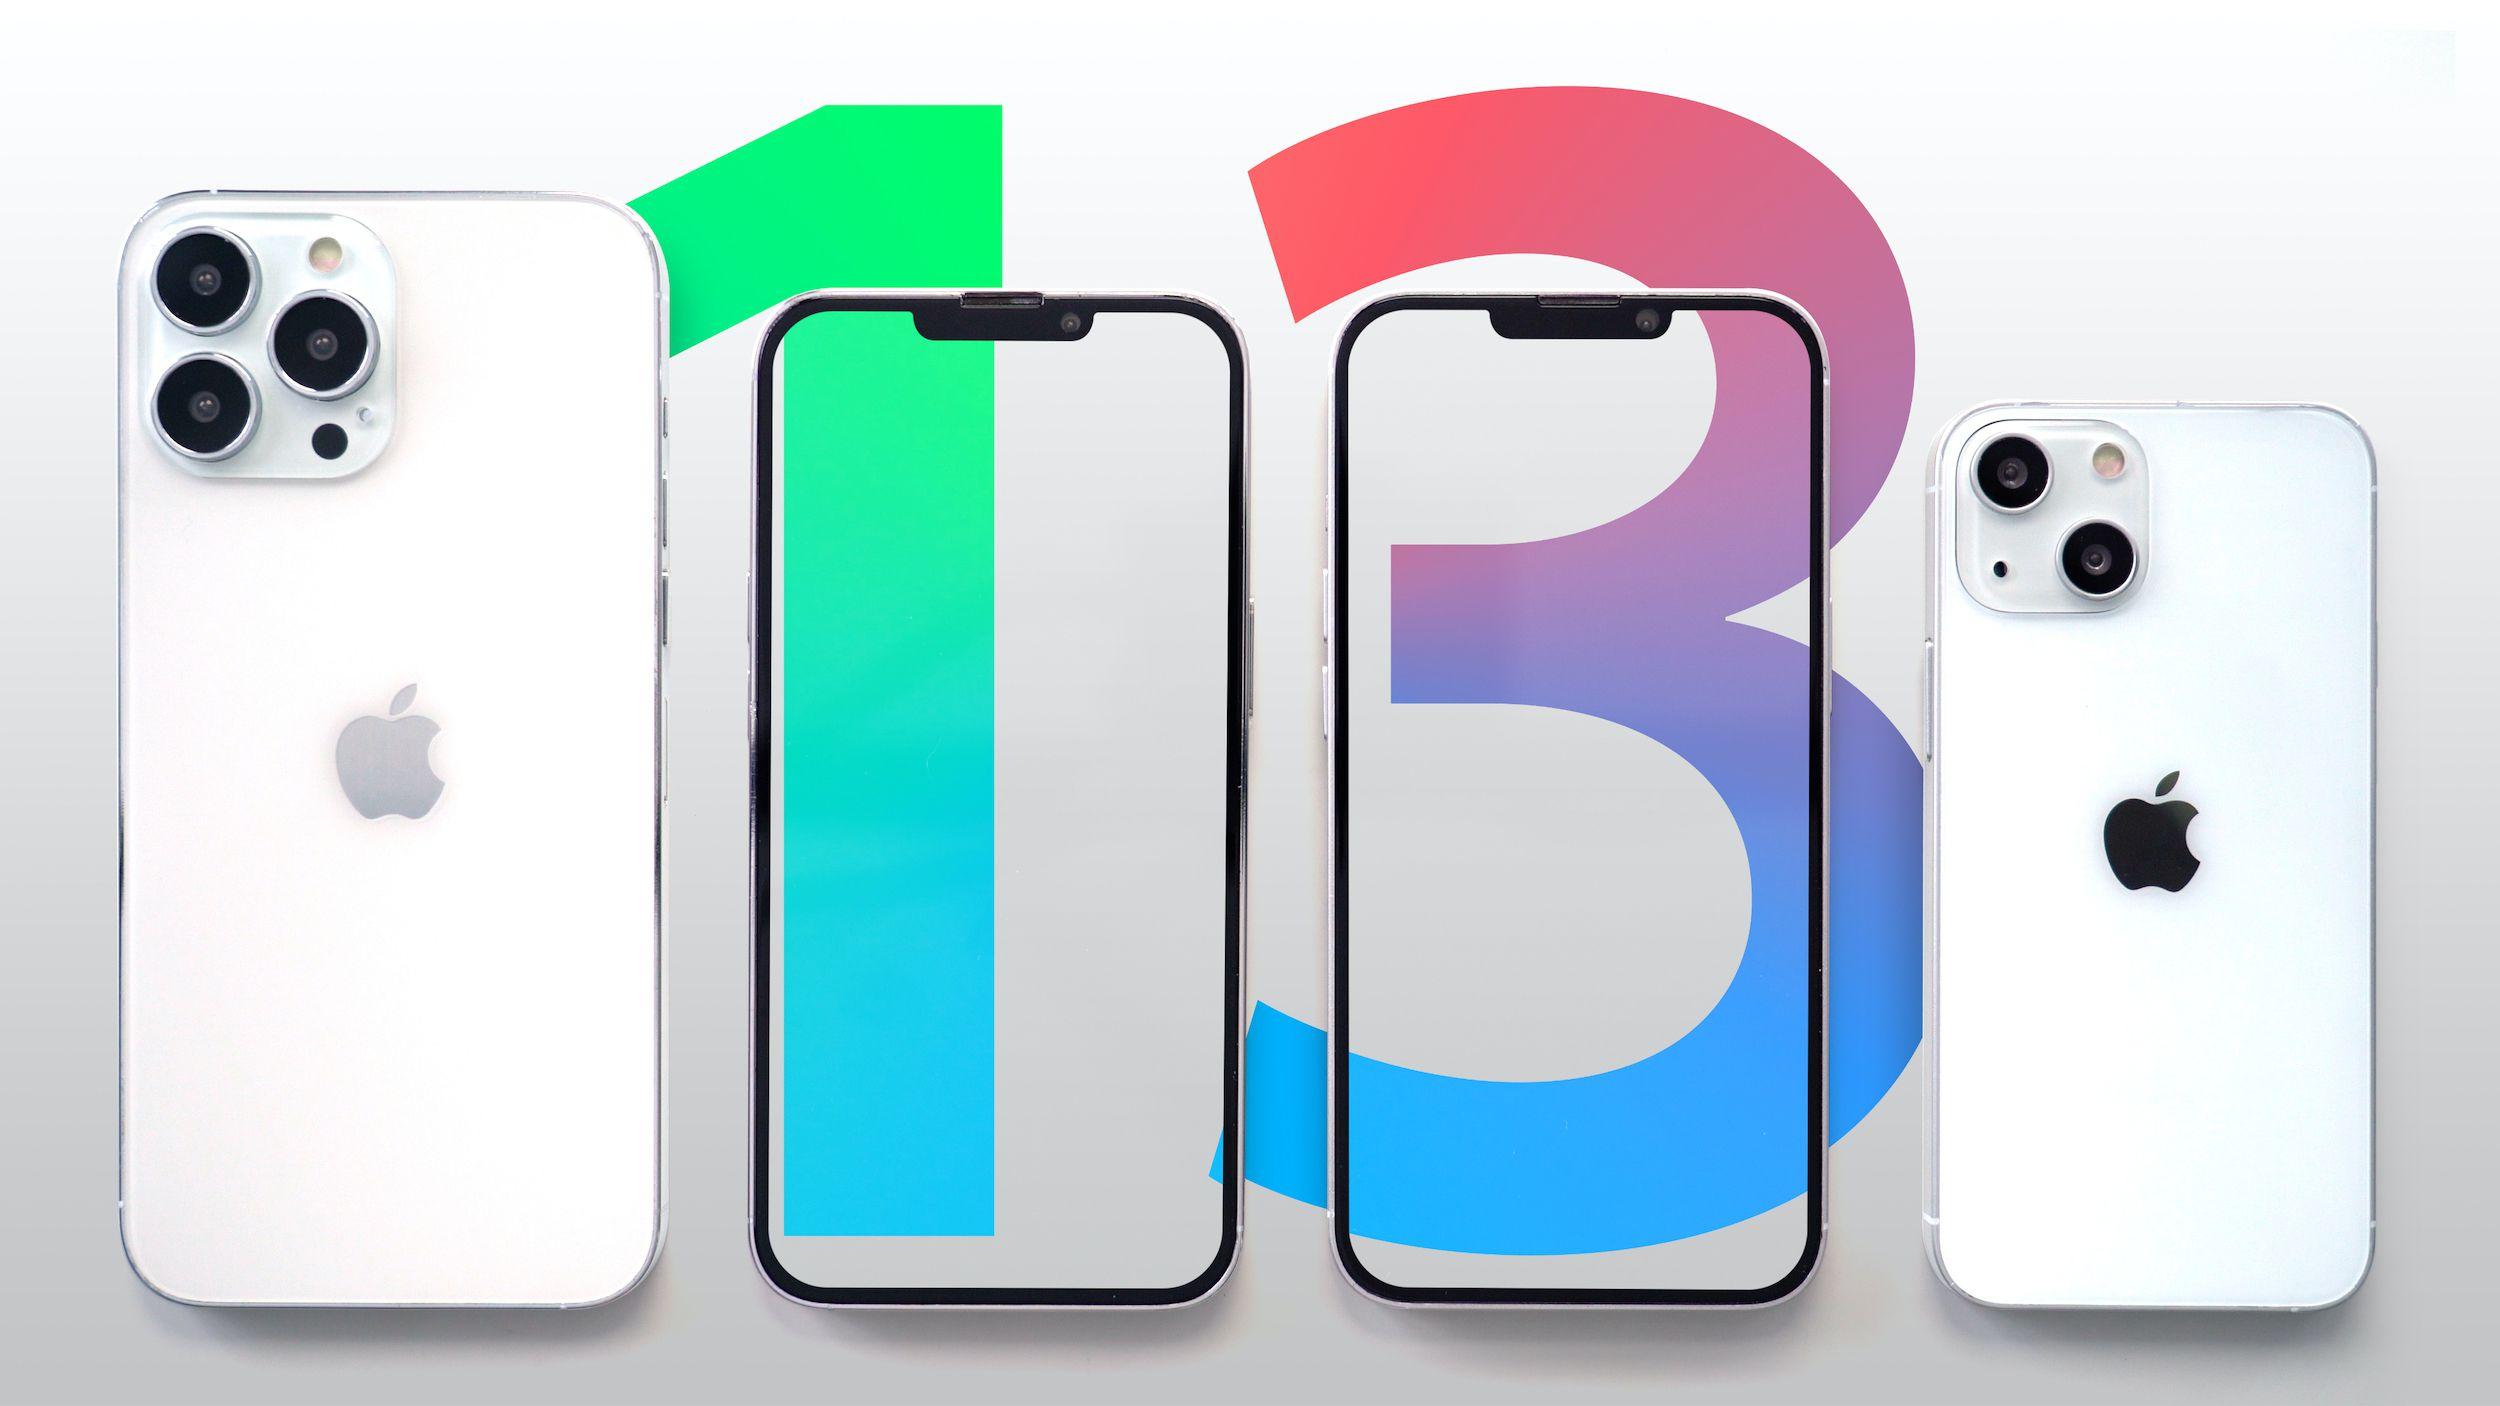 মঙ্গলবার ক্যালিফোর্নিয়ায় নতুন iPhone 13 লঞ্চ করেছে Apple । ইতিমধ্যেই সোশ্যাল মিডিয়ায় ছড়িয়ে পড়েছে নতুন আইফোনের টিজার ভিডিয়ো। ছবি : টুইটার